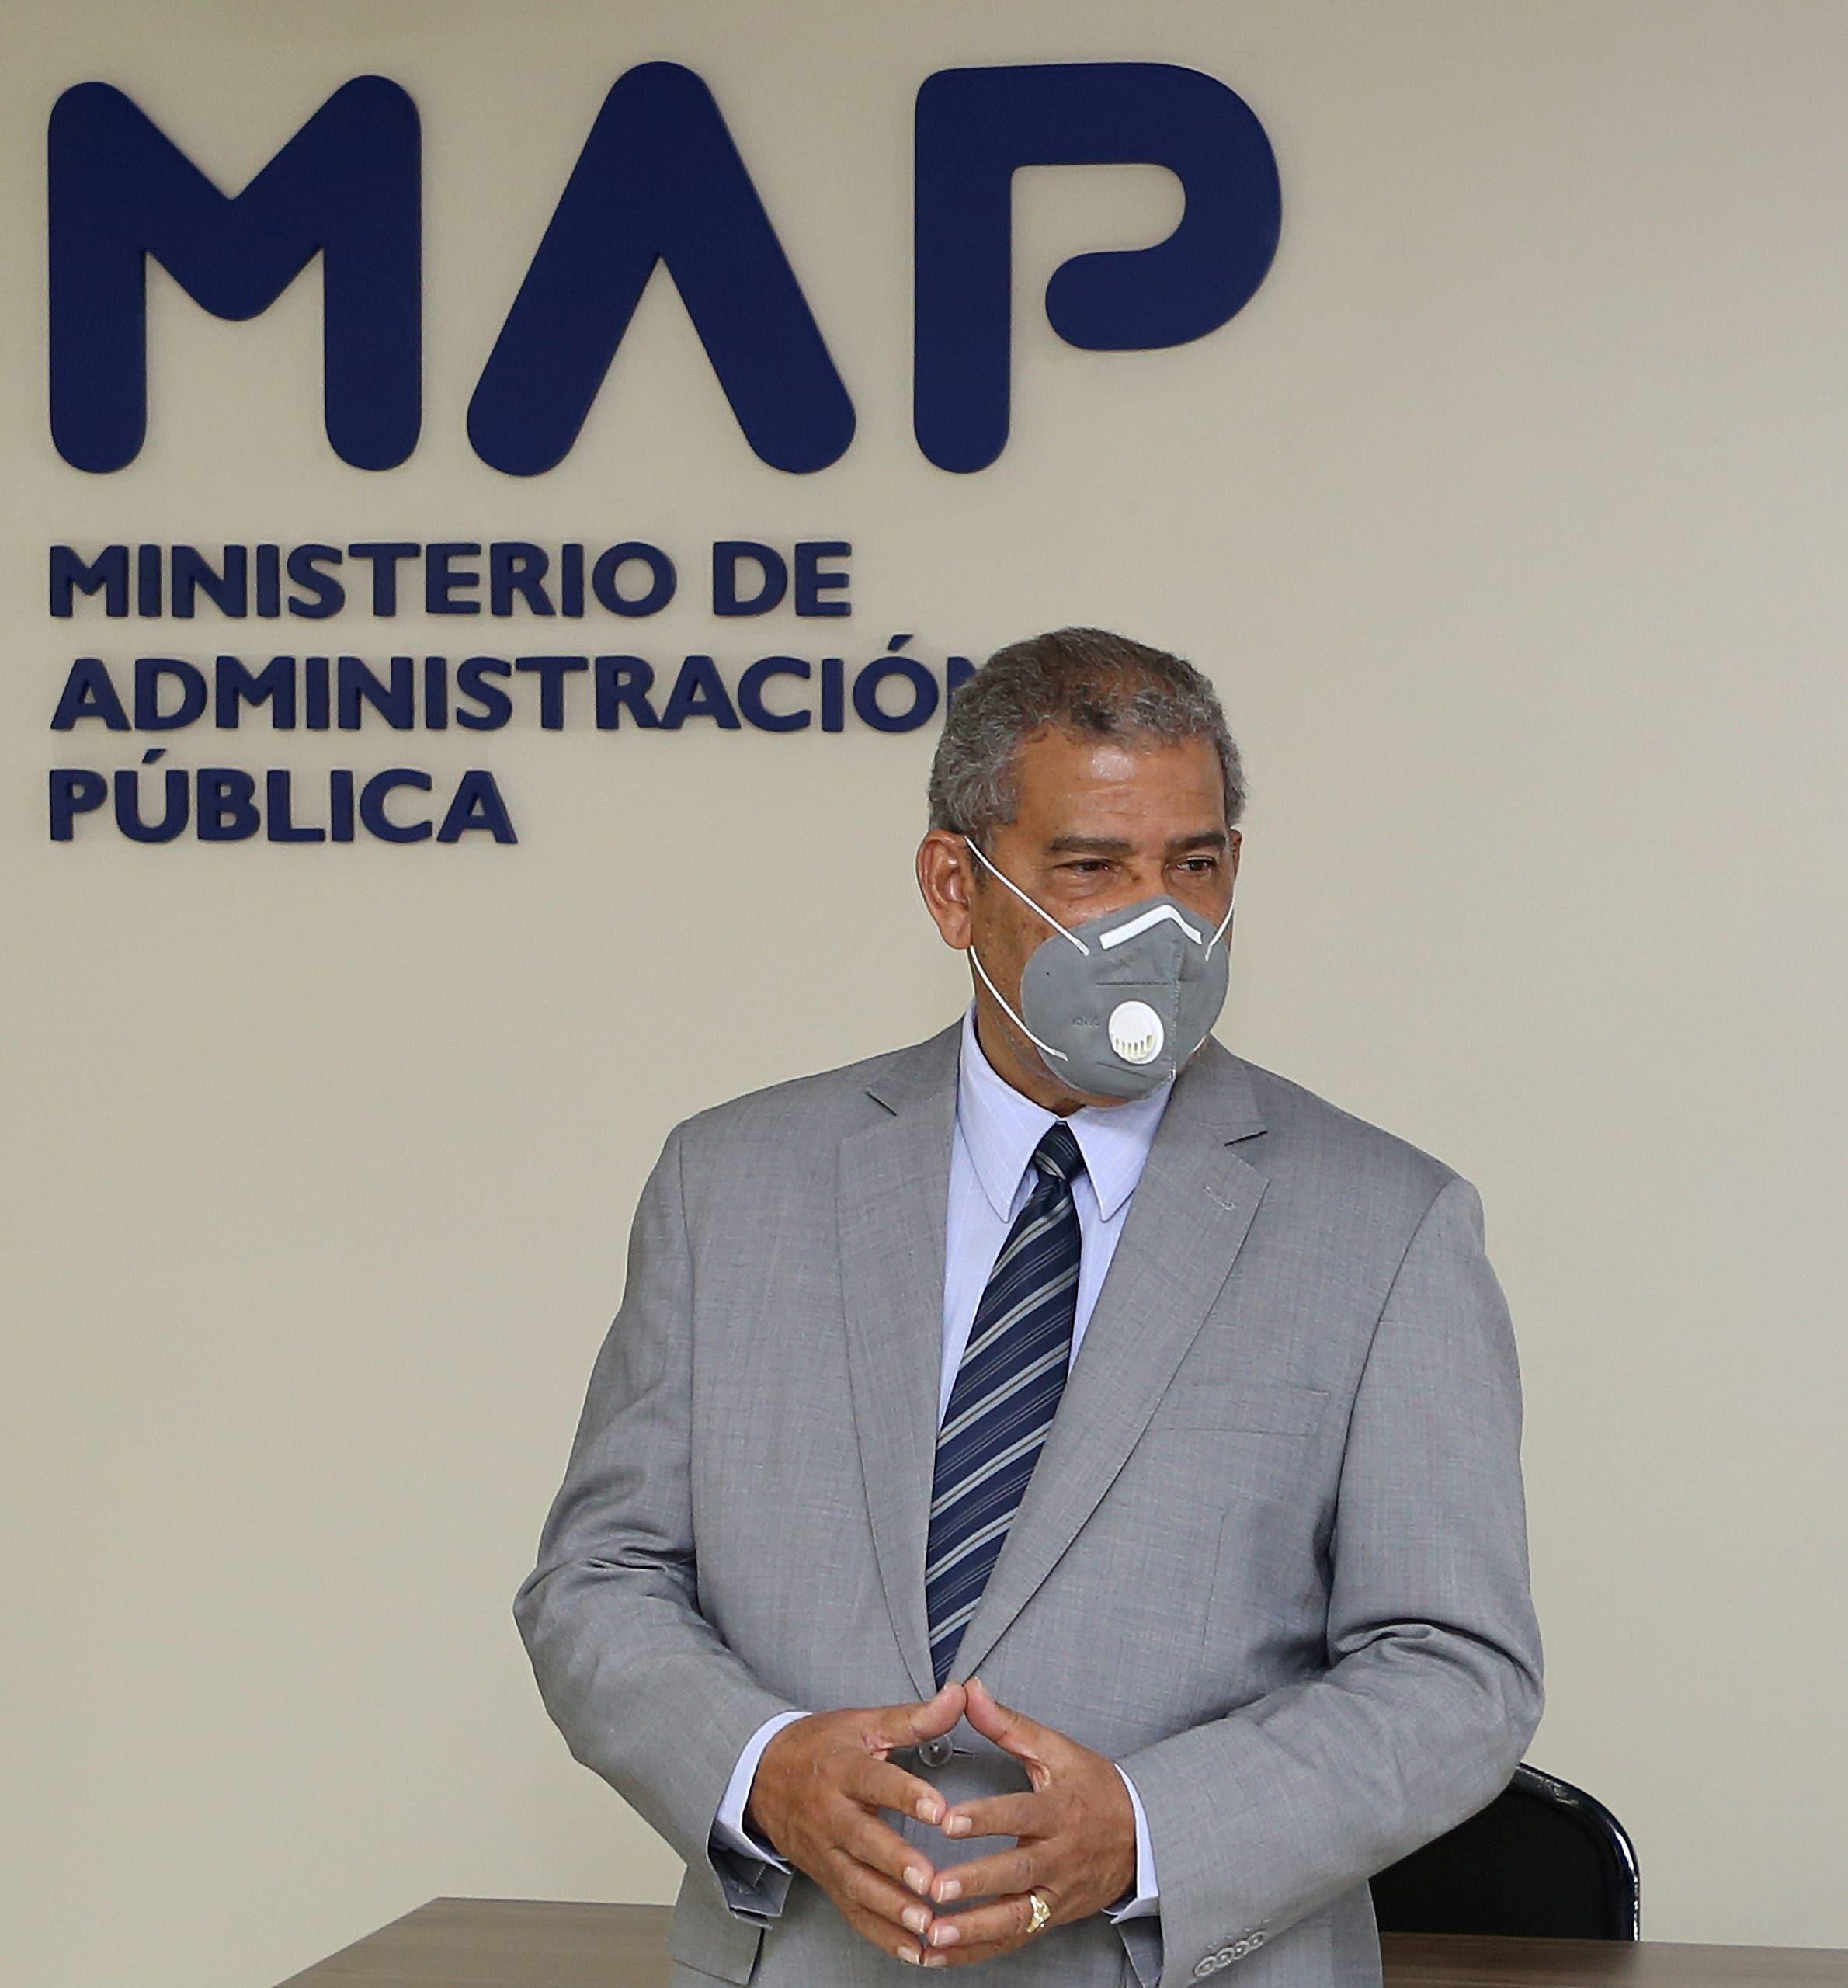 Administración Pública afirma restablecimiento horario en instituciones se ajusta a estrategia para combatir Covid-19